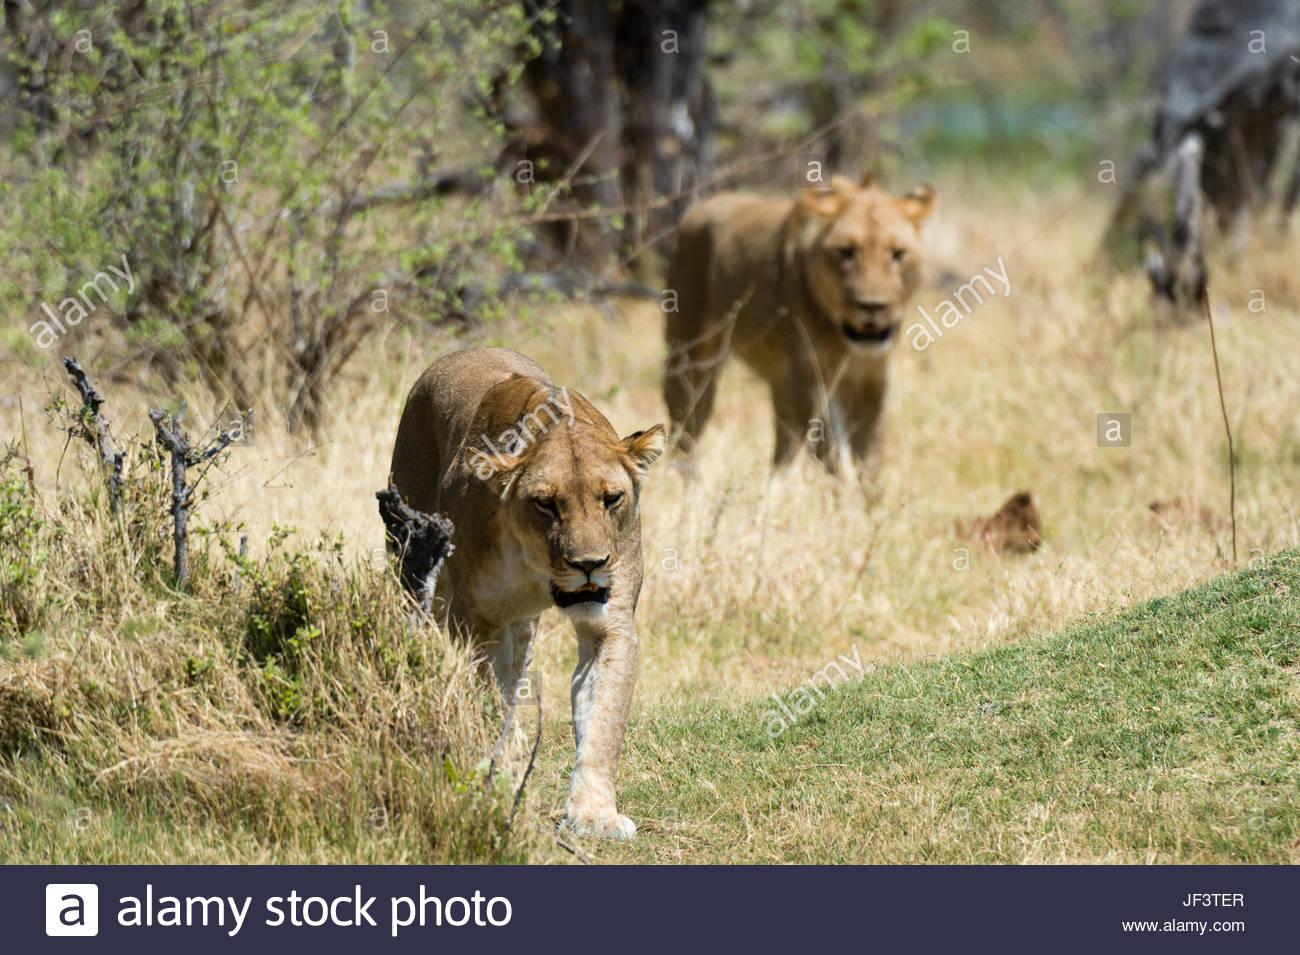 Zwei Löwen, Panthera Leo, zu Fuß in ihrem Lebensraum. Stockbild